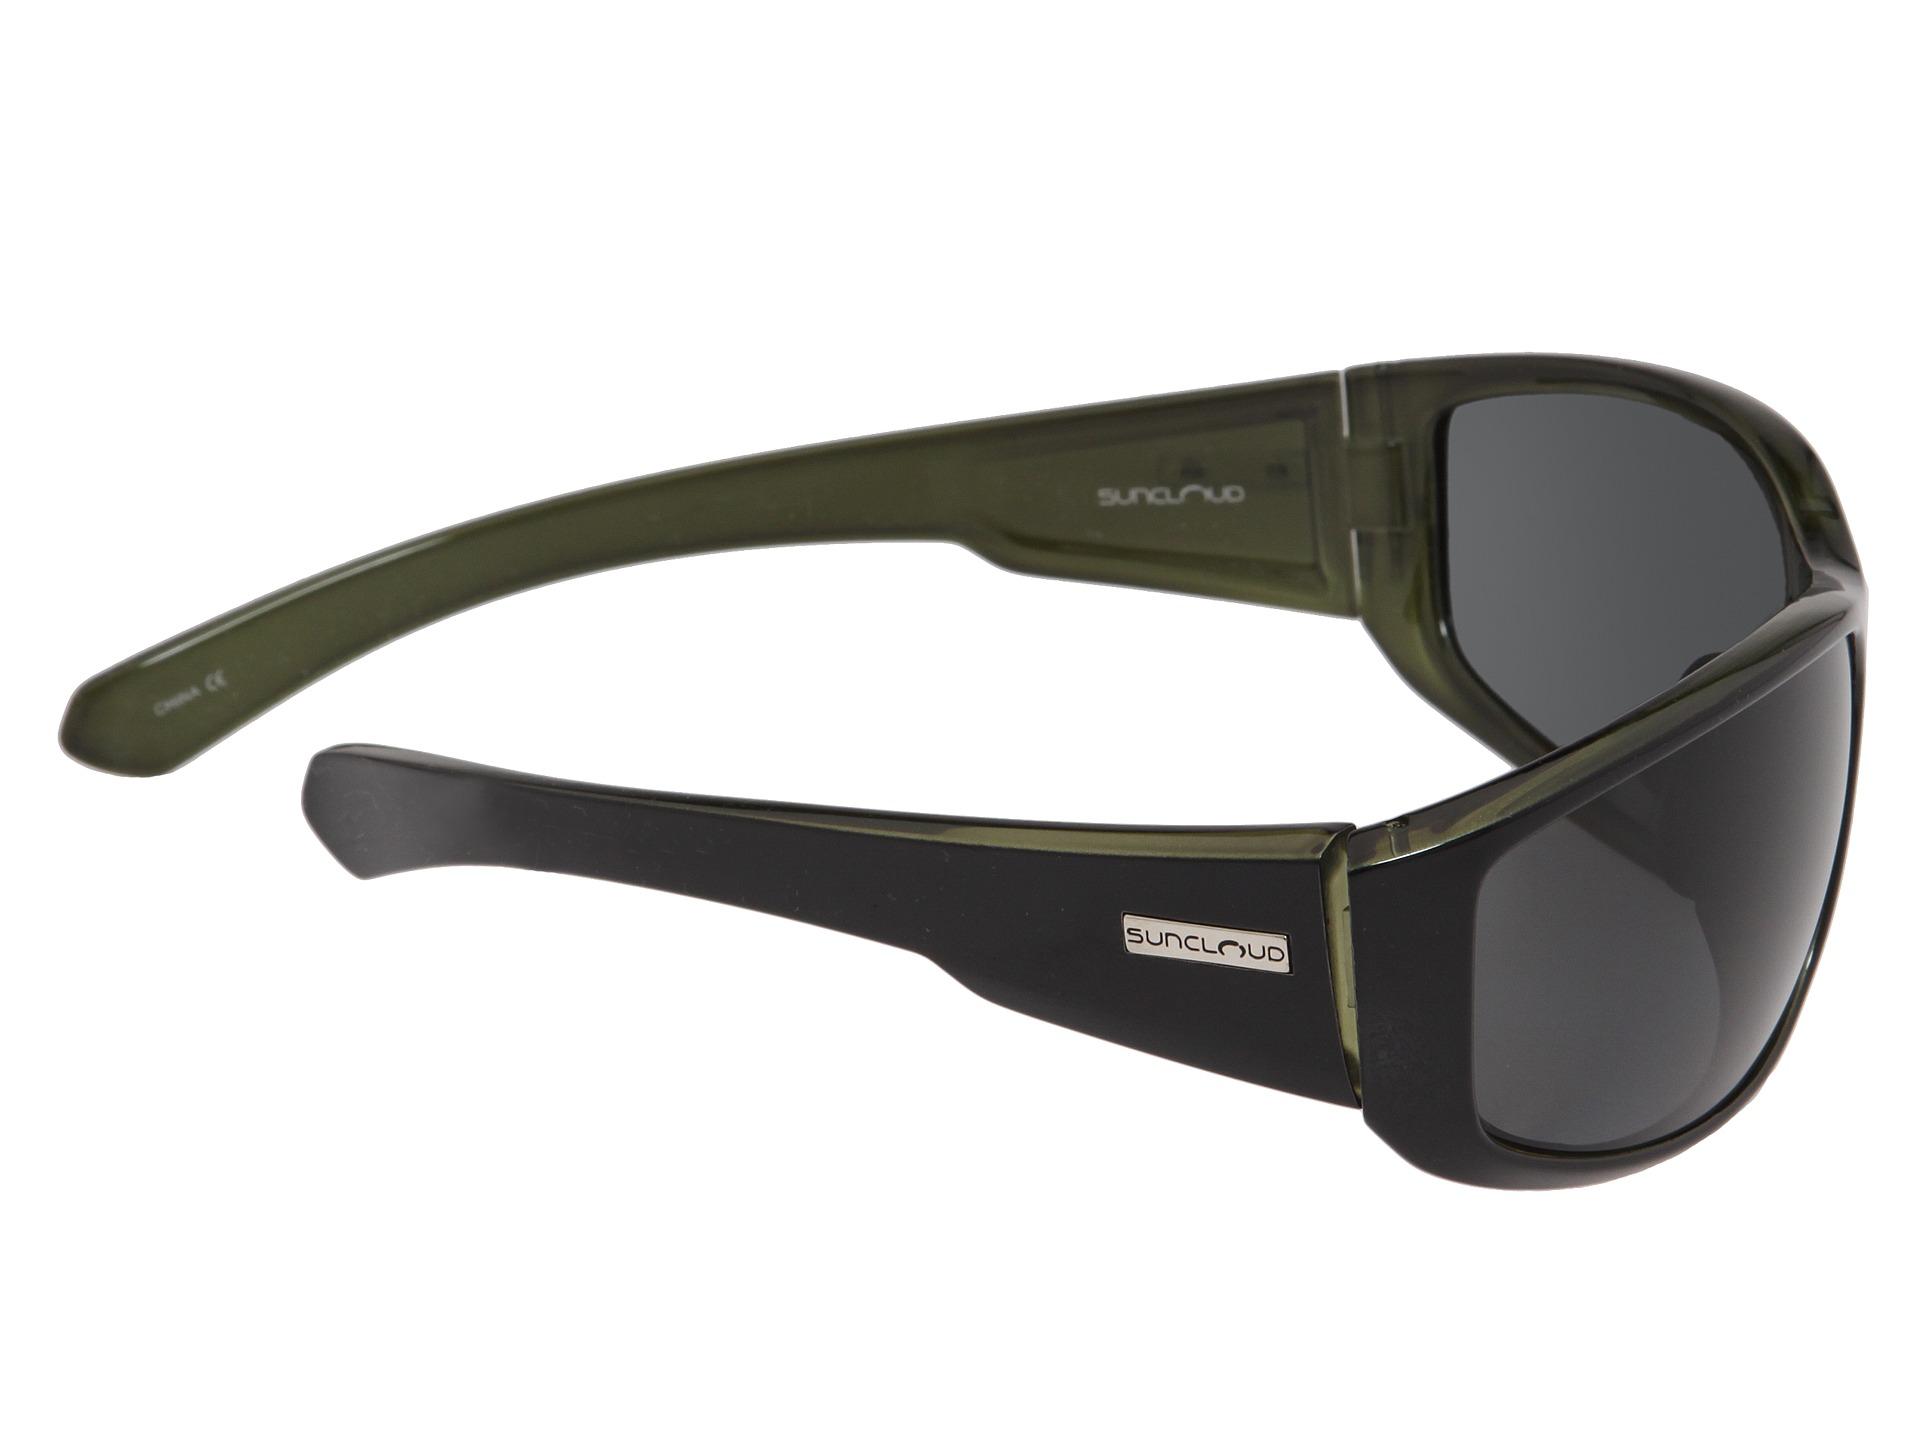 8f82d90e03 Suncloud Pursuit Polarized Sunglasses Reviews